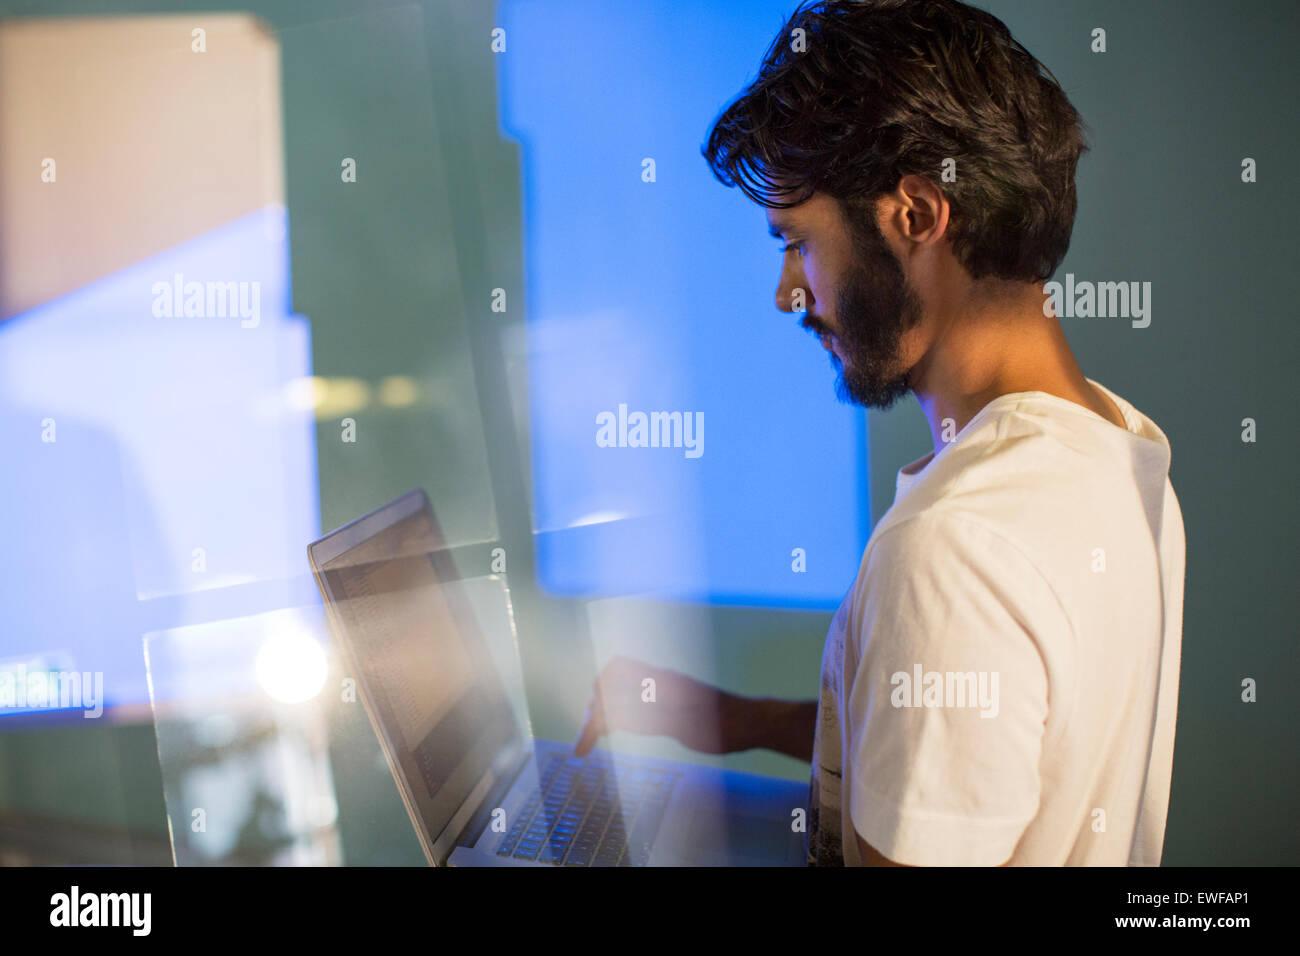 Lässige Geschäftsmann mit Laptop, Audio-visuelle Präsentation vorbereiten Stockbild